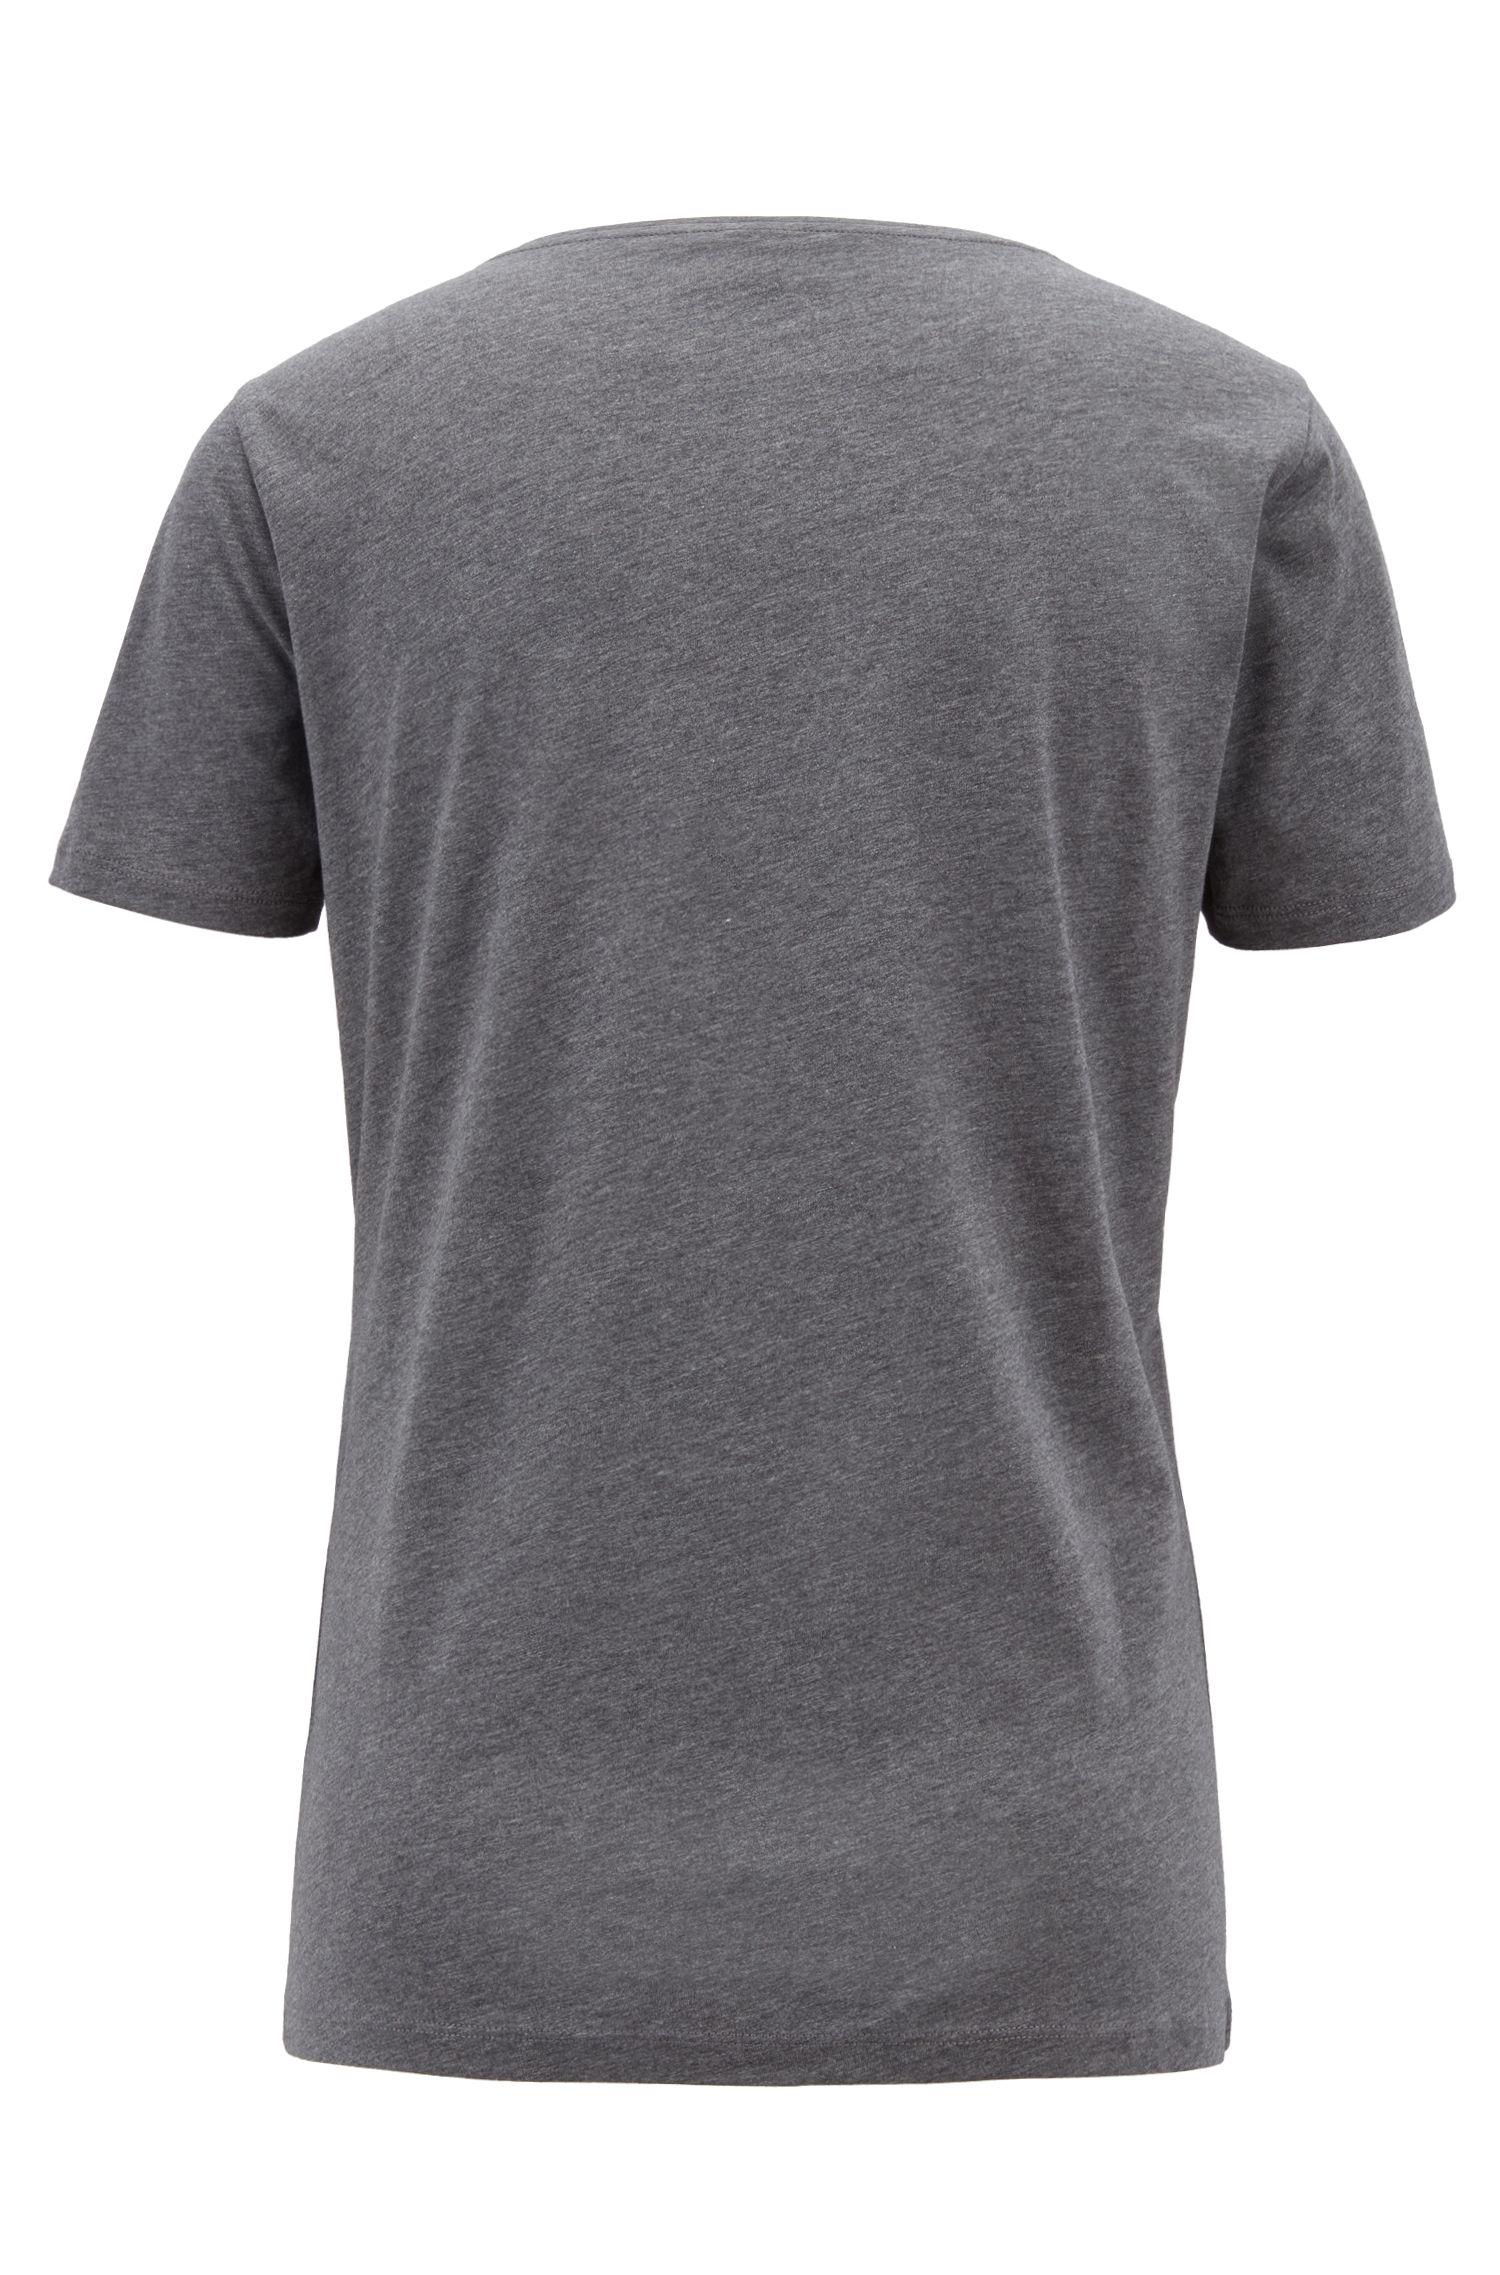 T-shirt Slim Fit avec logo imprimé cœurs